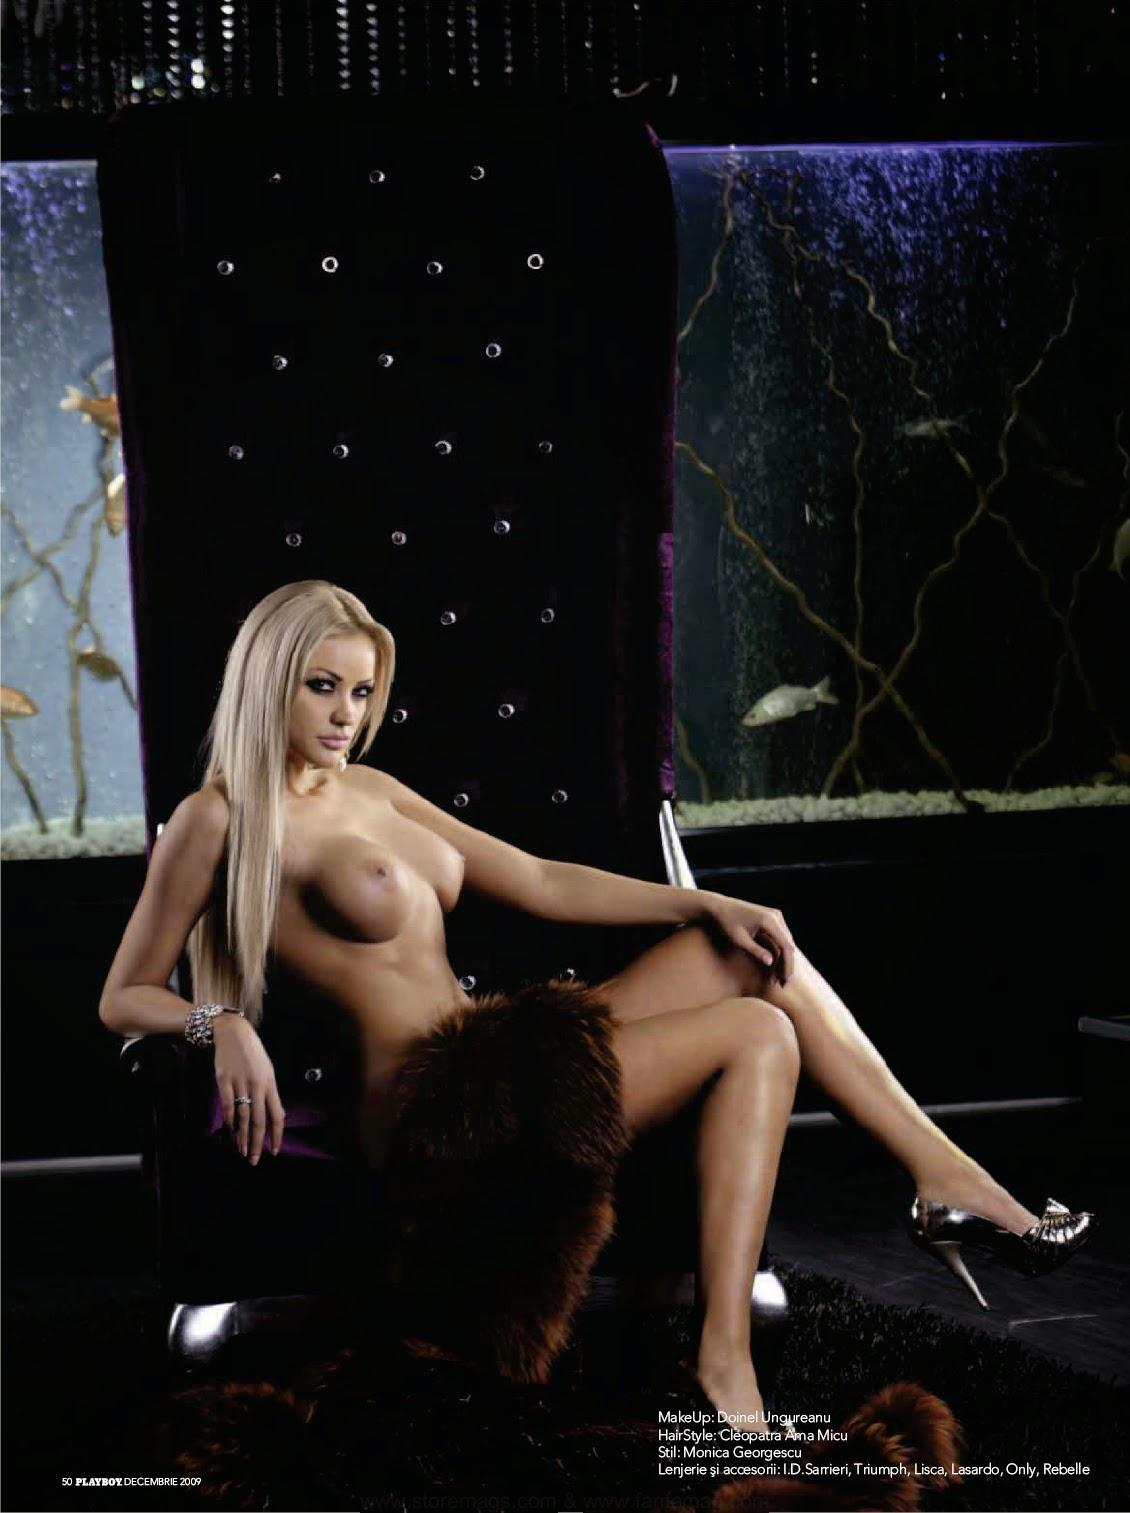 Angela kinsley nude in half magic 8